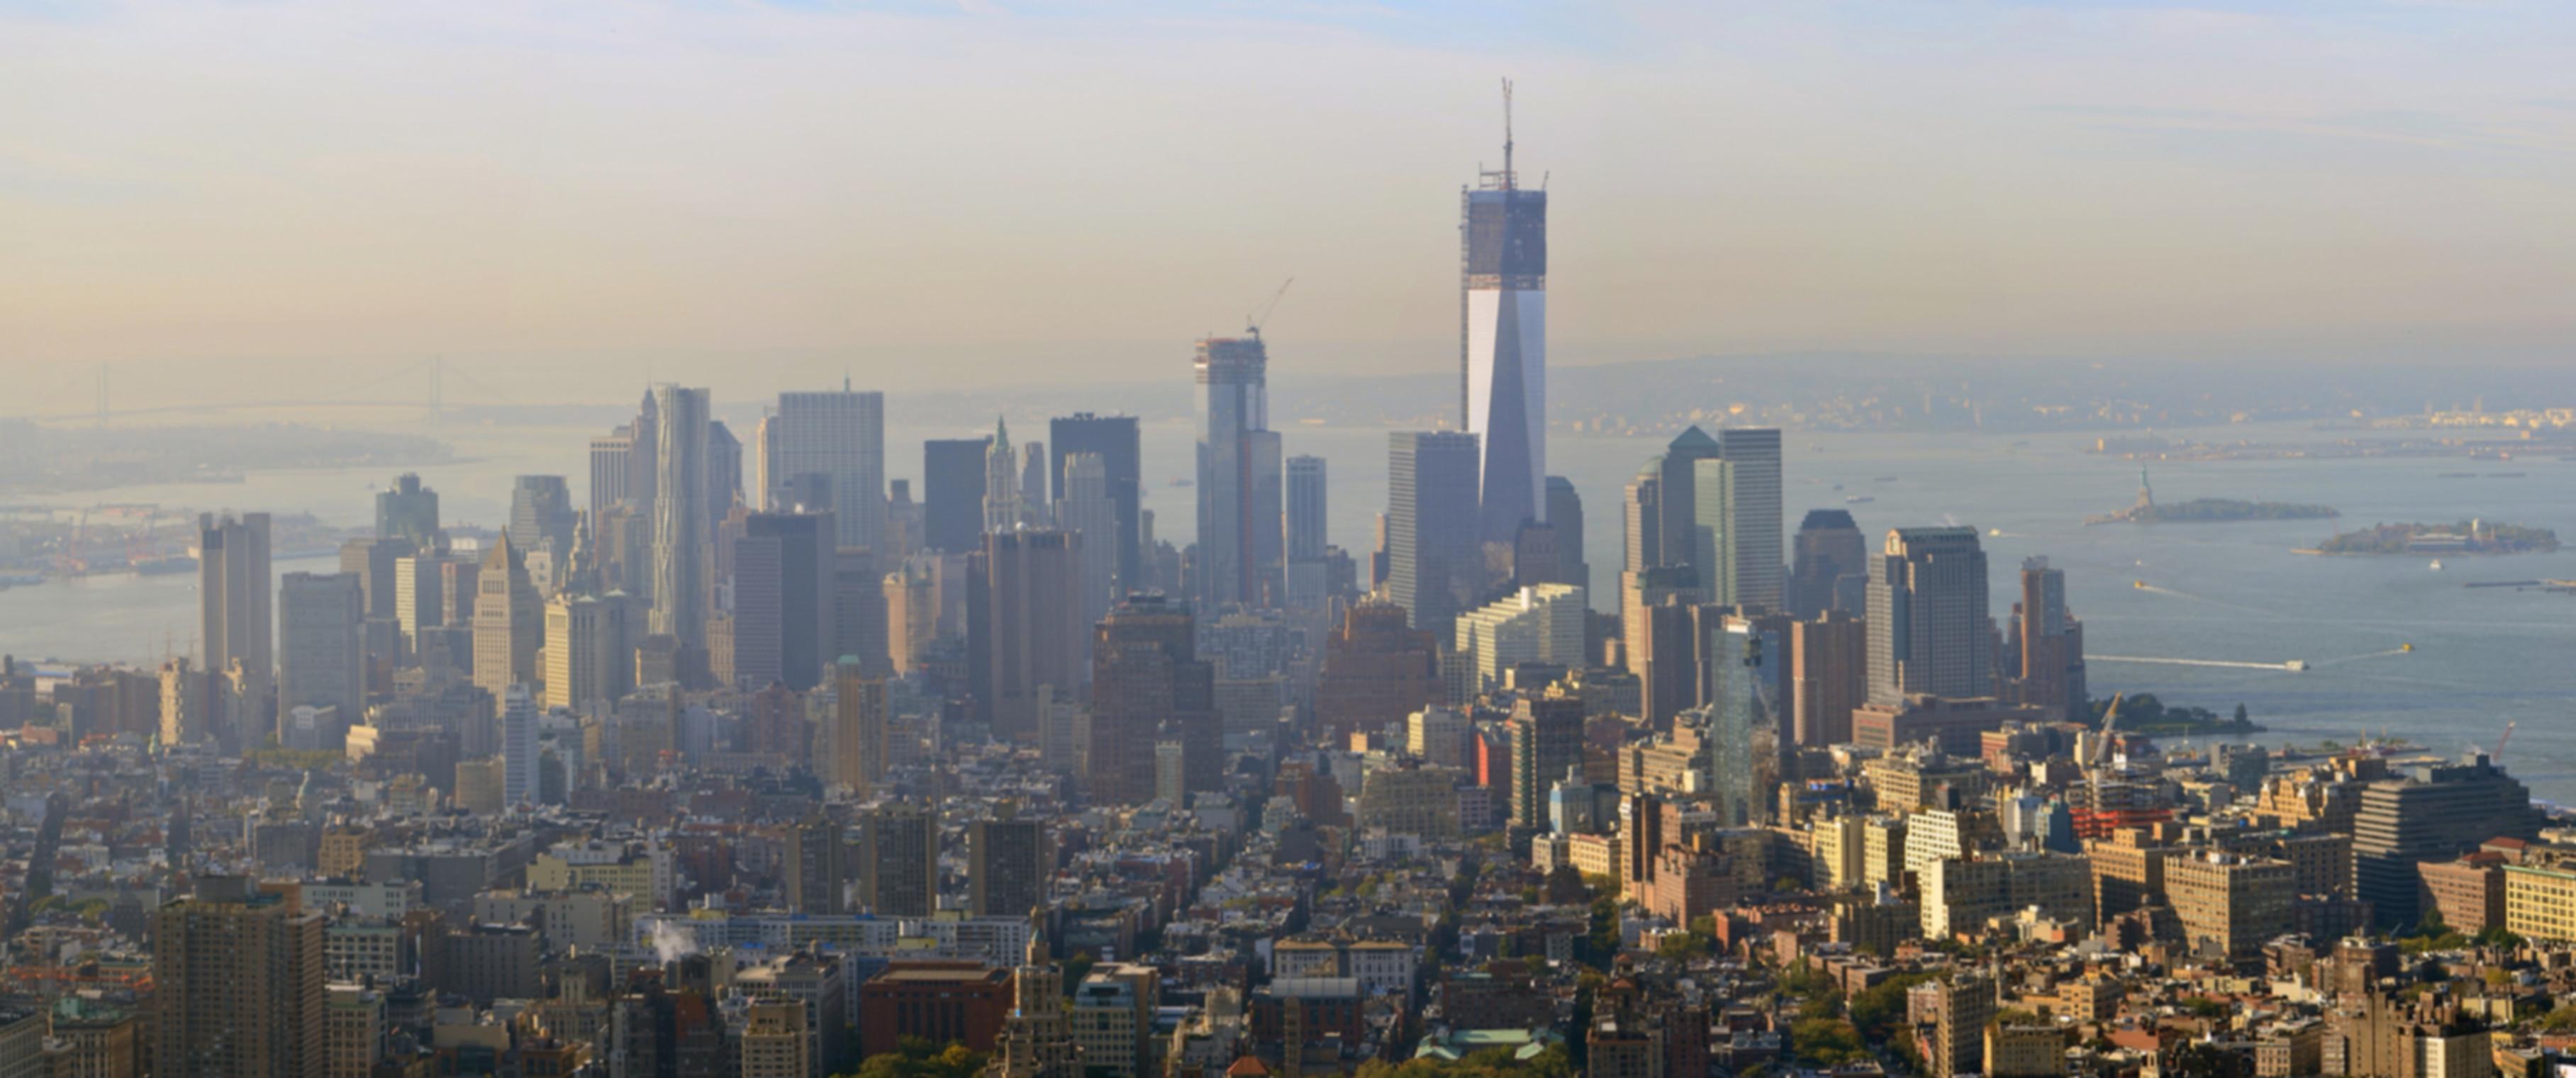 newyorkcity-1554225378158-9869.jpg